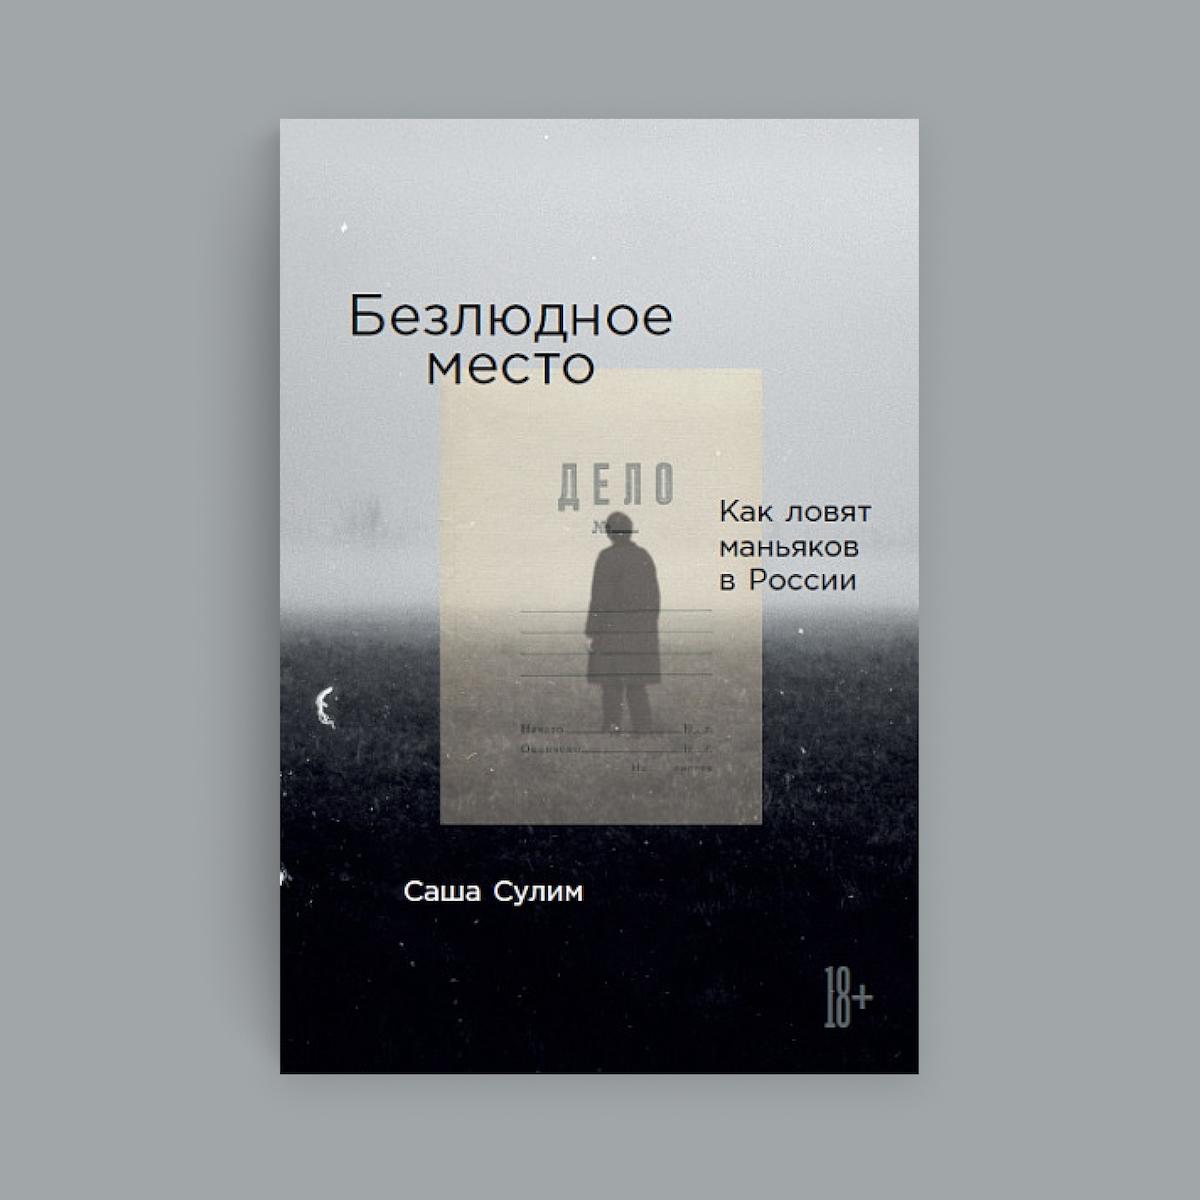 Обложка книги «Безлюдное место»